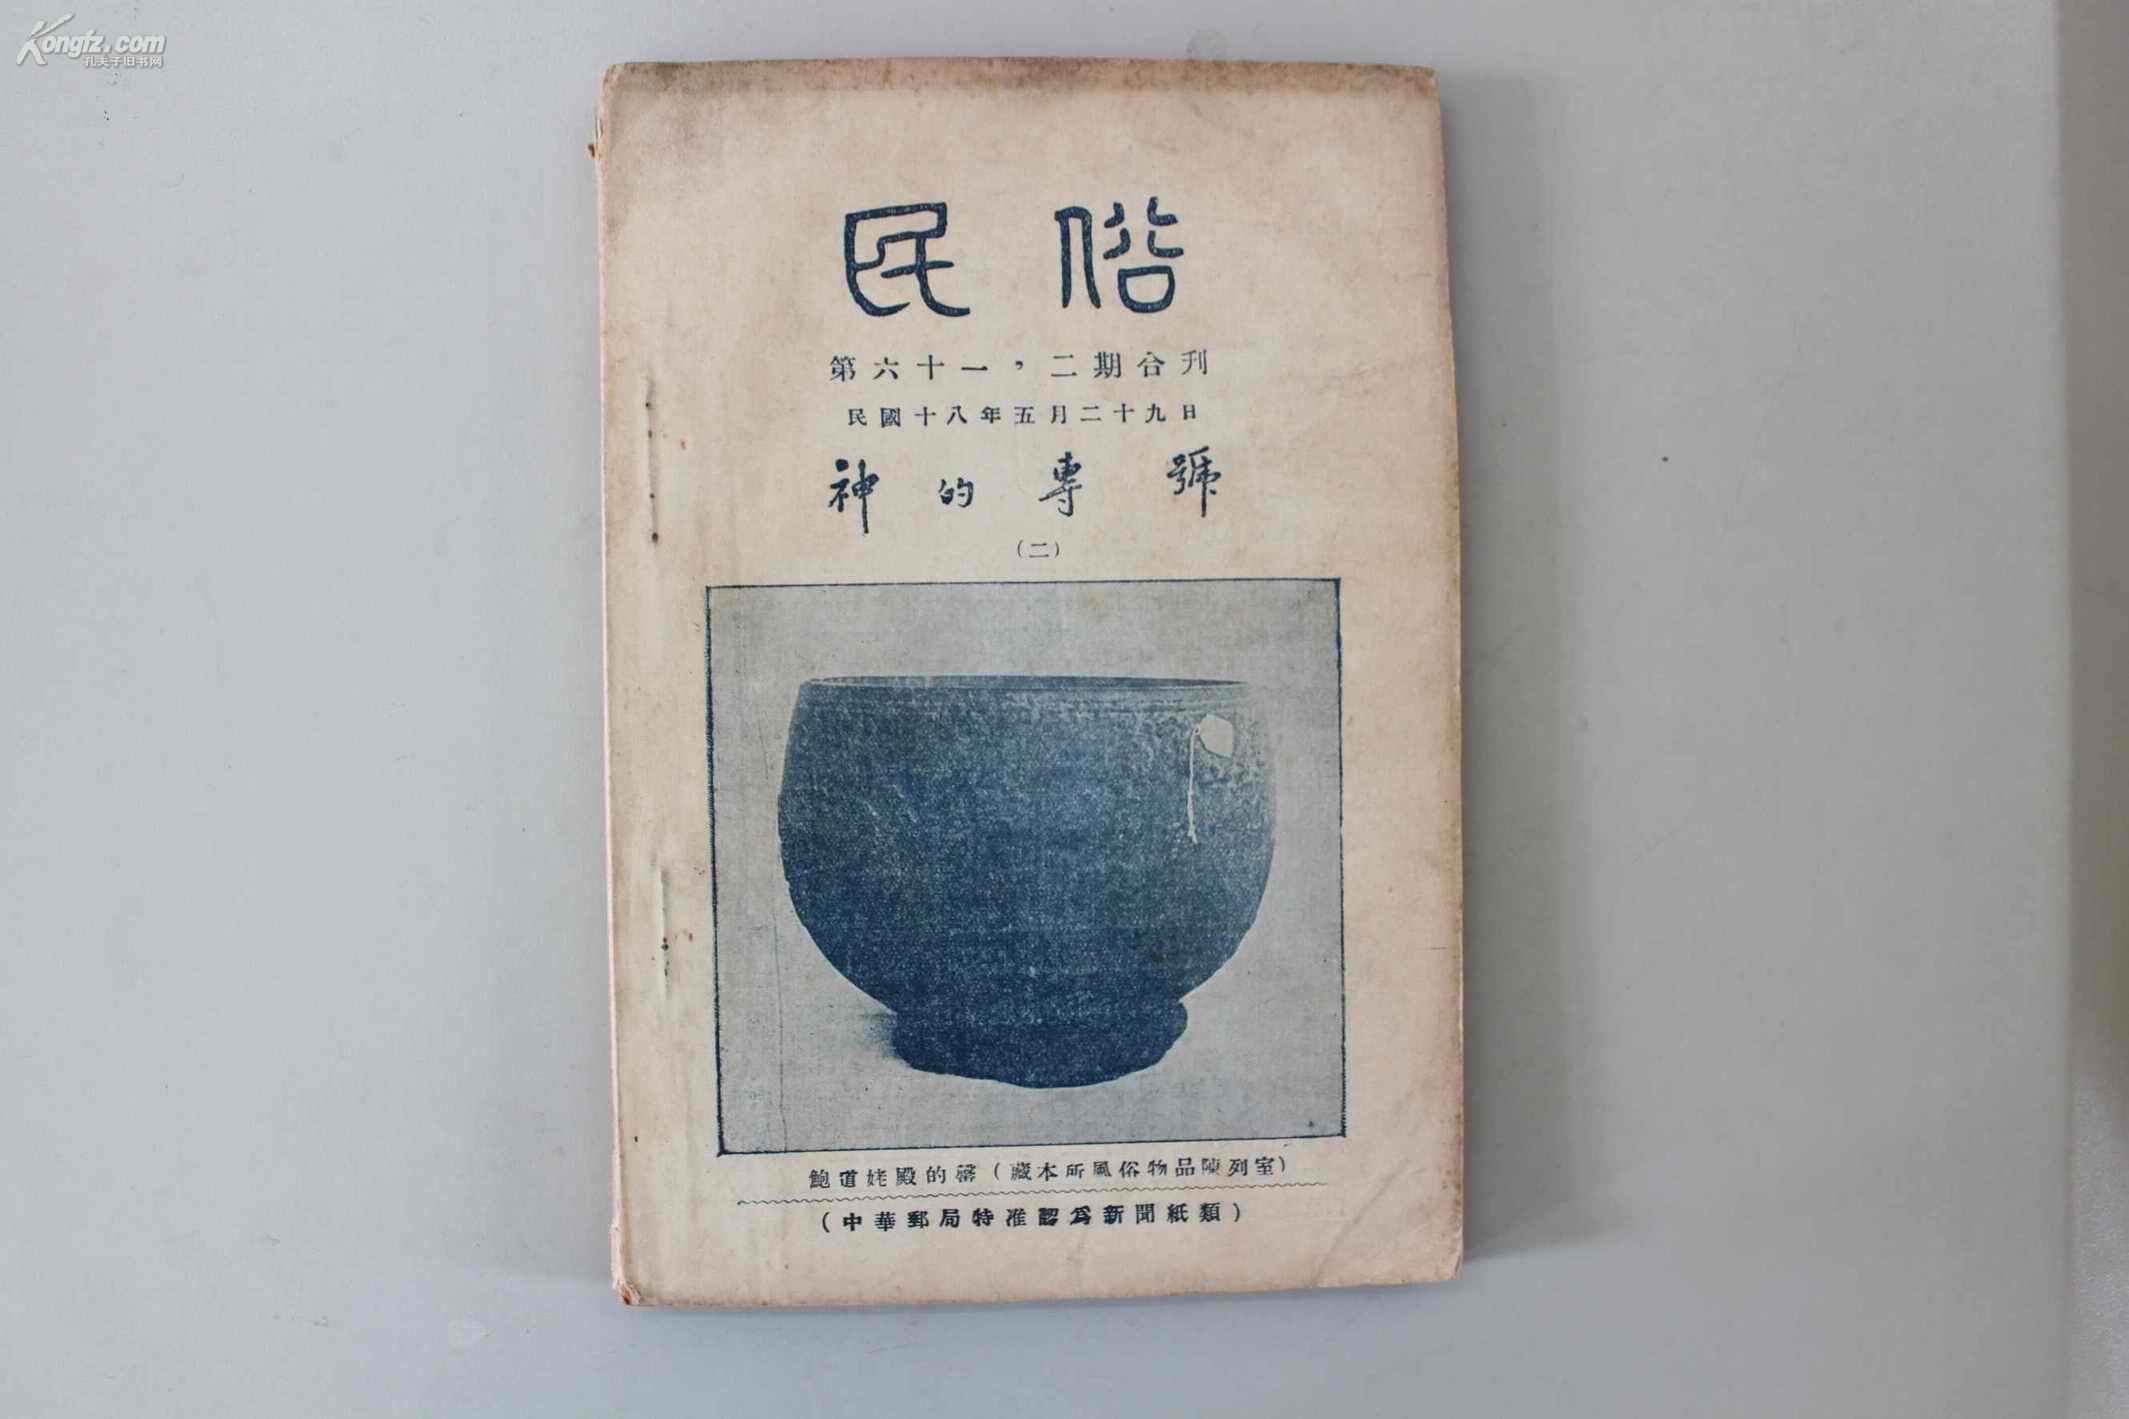 《神的专号》民俗6162期合刊,张清水赠江绍原